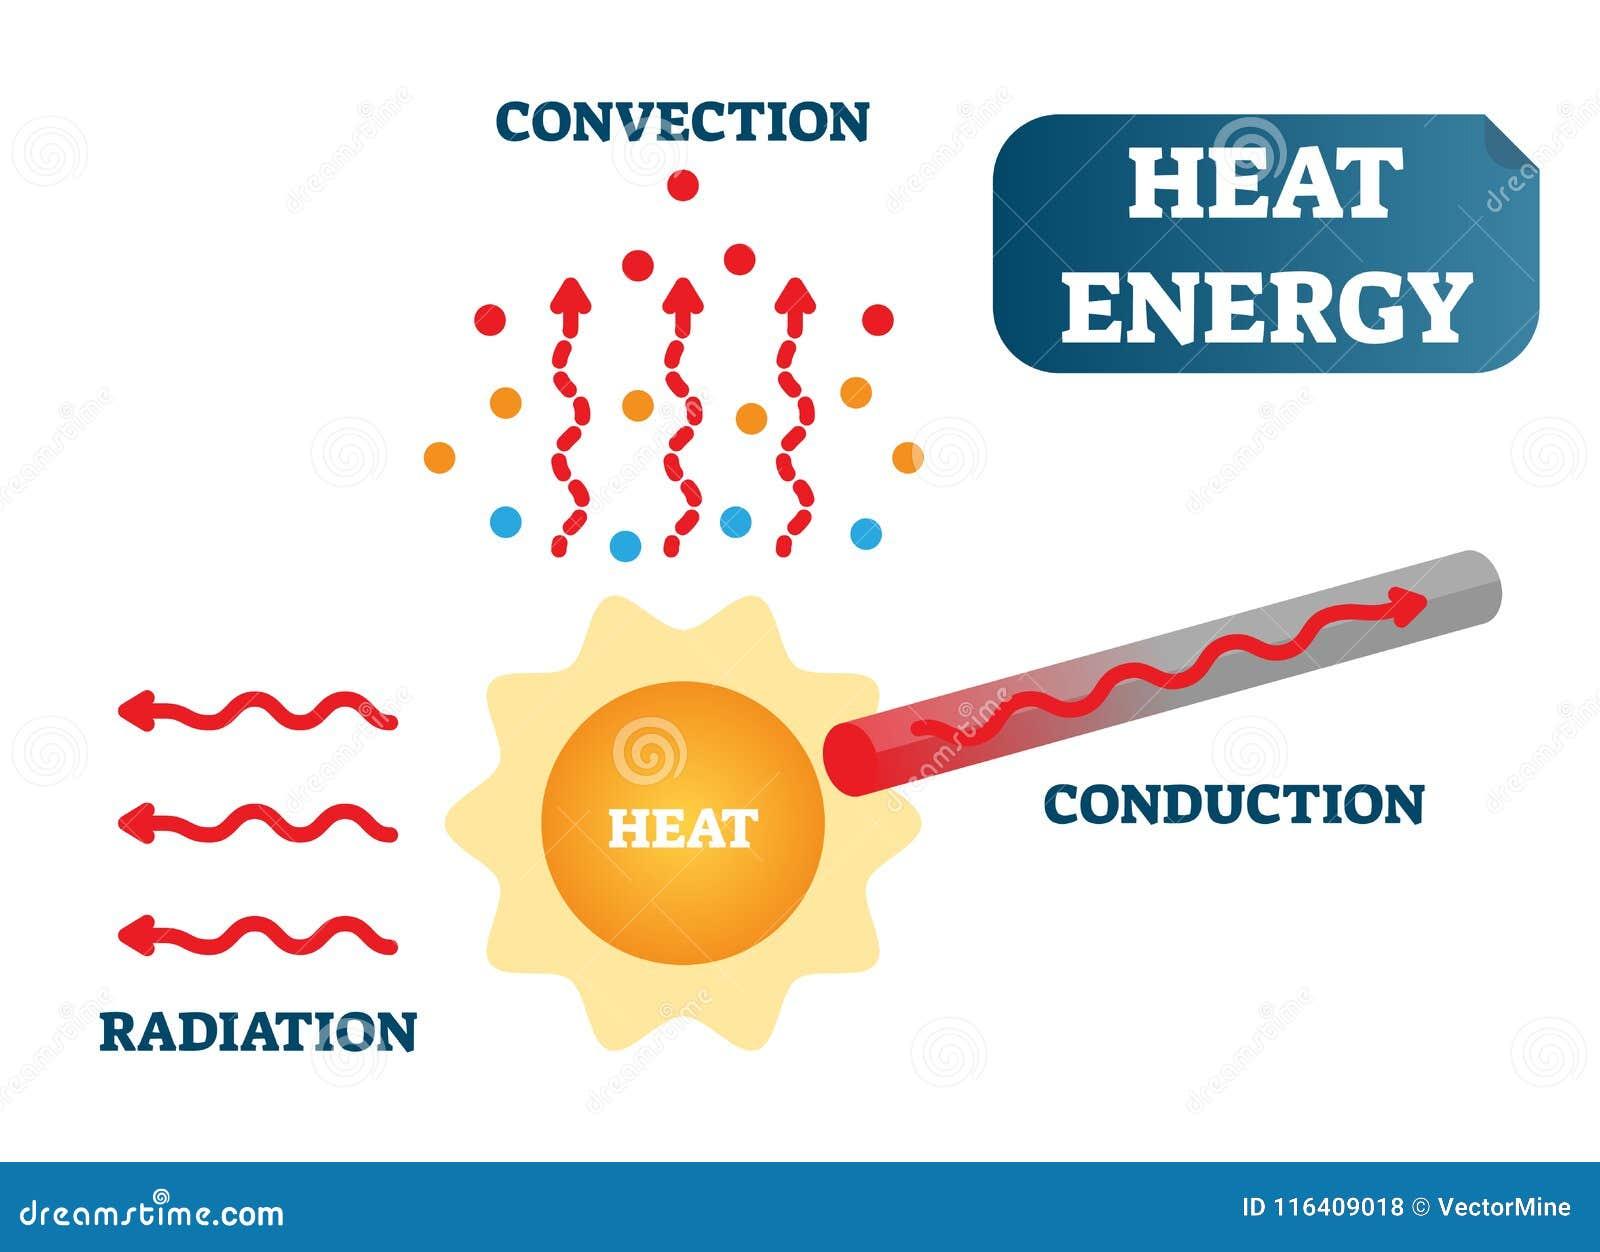 nergie Calorifique Comme Convection  Conduction Et